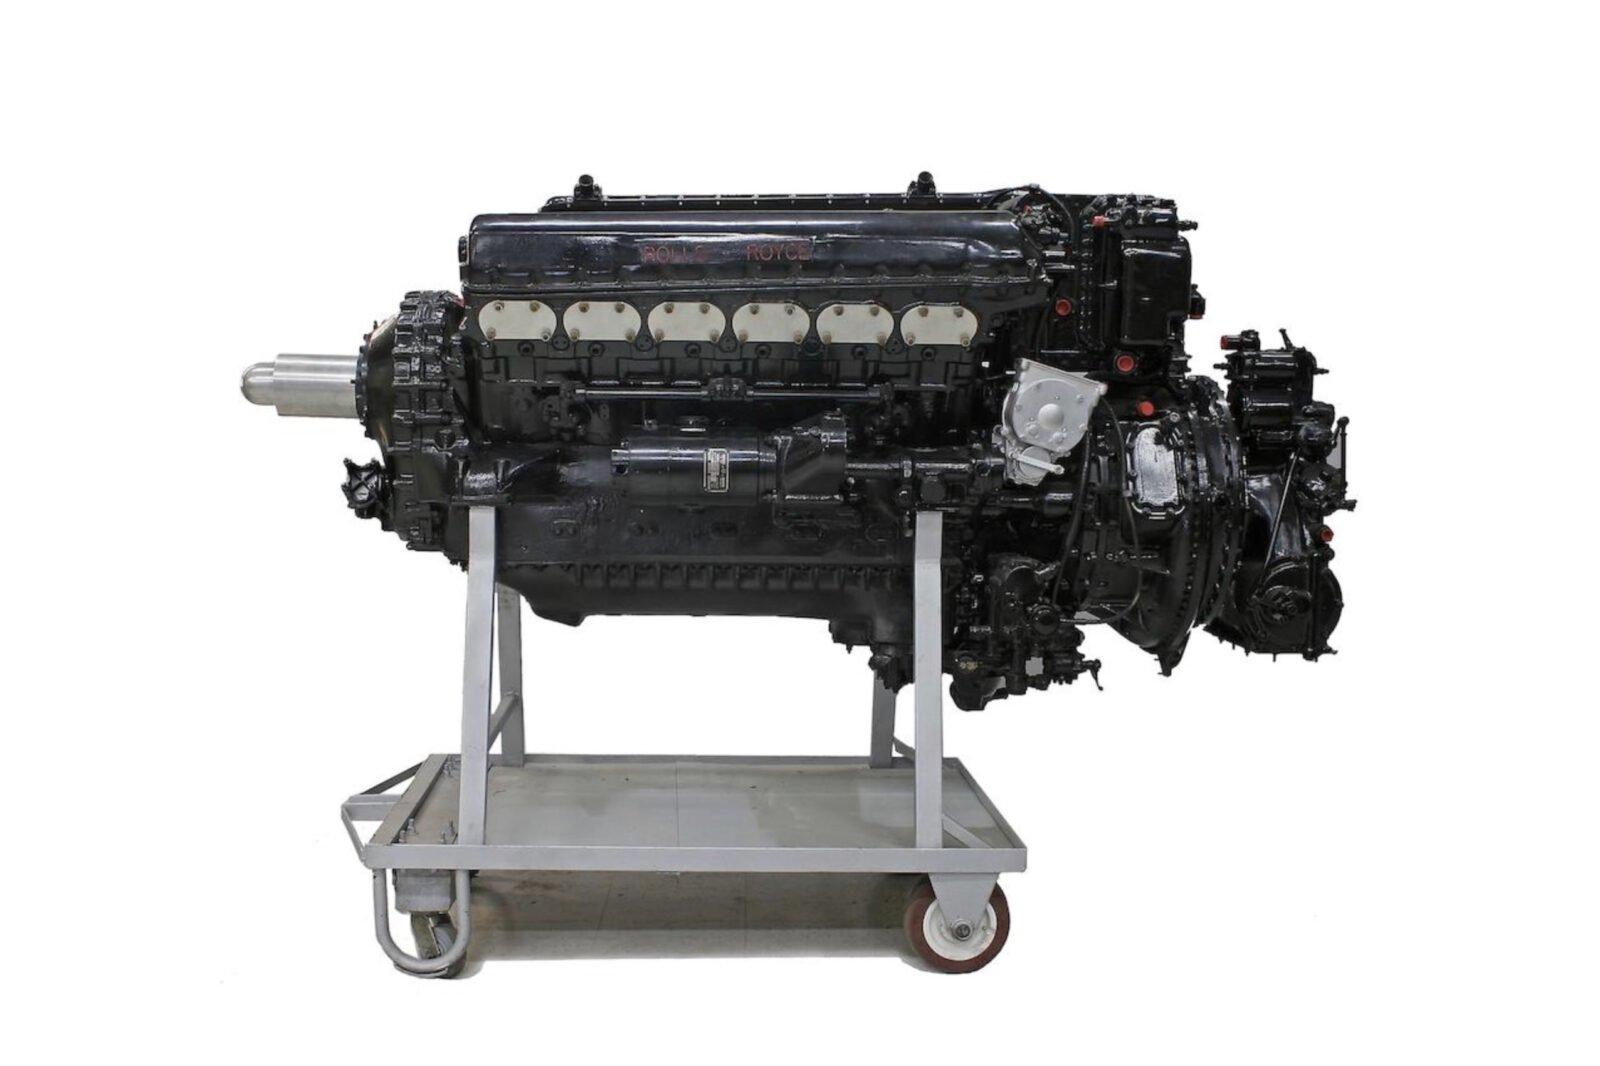 Rolls-Royce Griffon